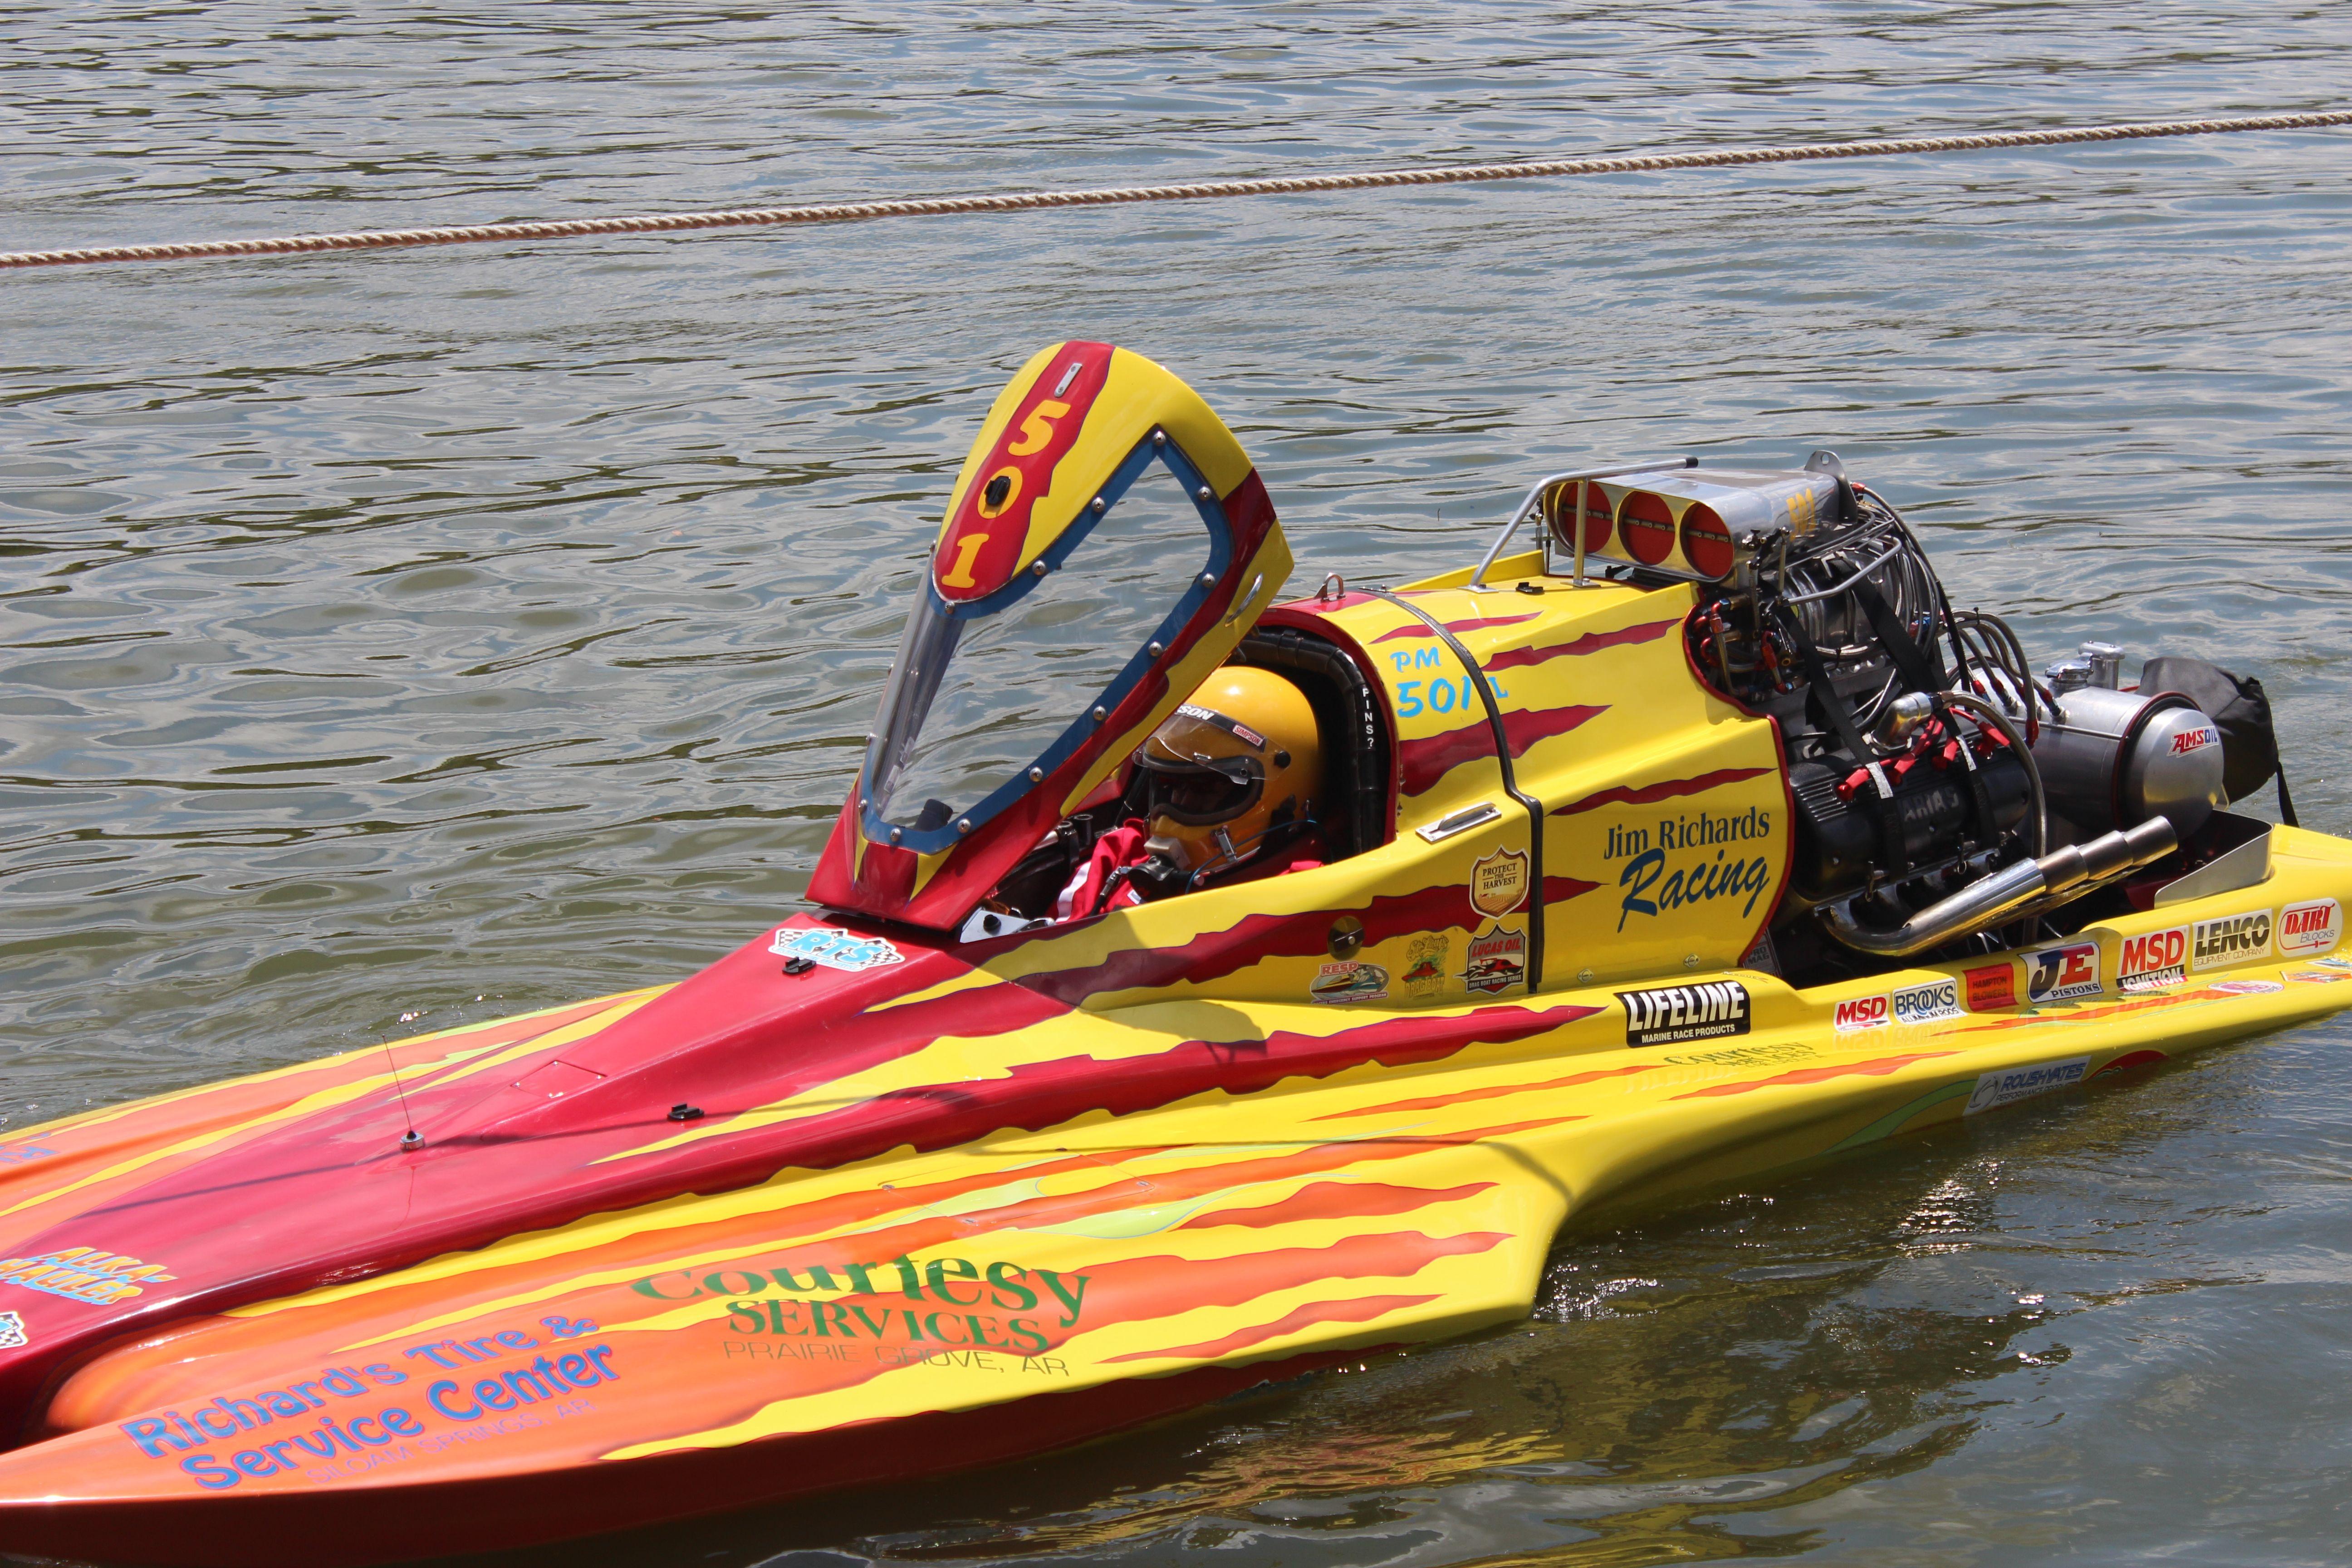 Marble Falls Tx 2013 Drag Boat Racing Drag Racing Cars Jet Boats